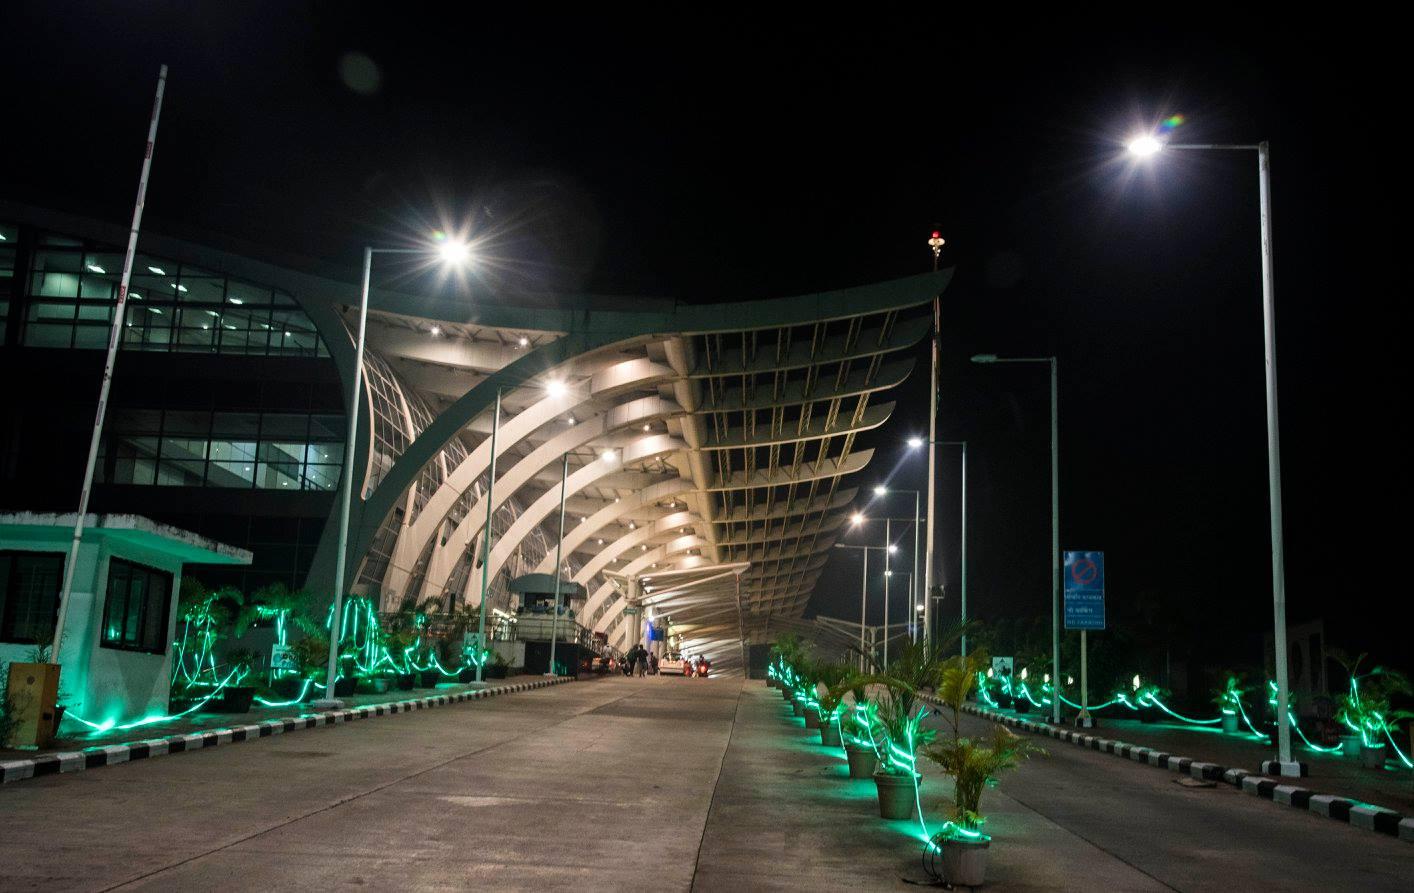 Goa Airport, Goa International Airport, Dabolim airport Goa